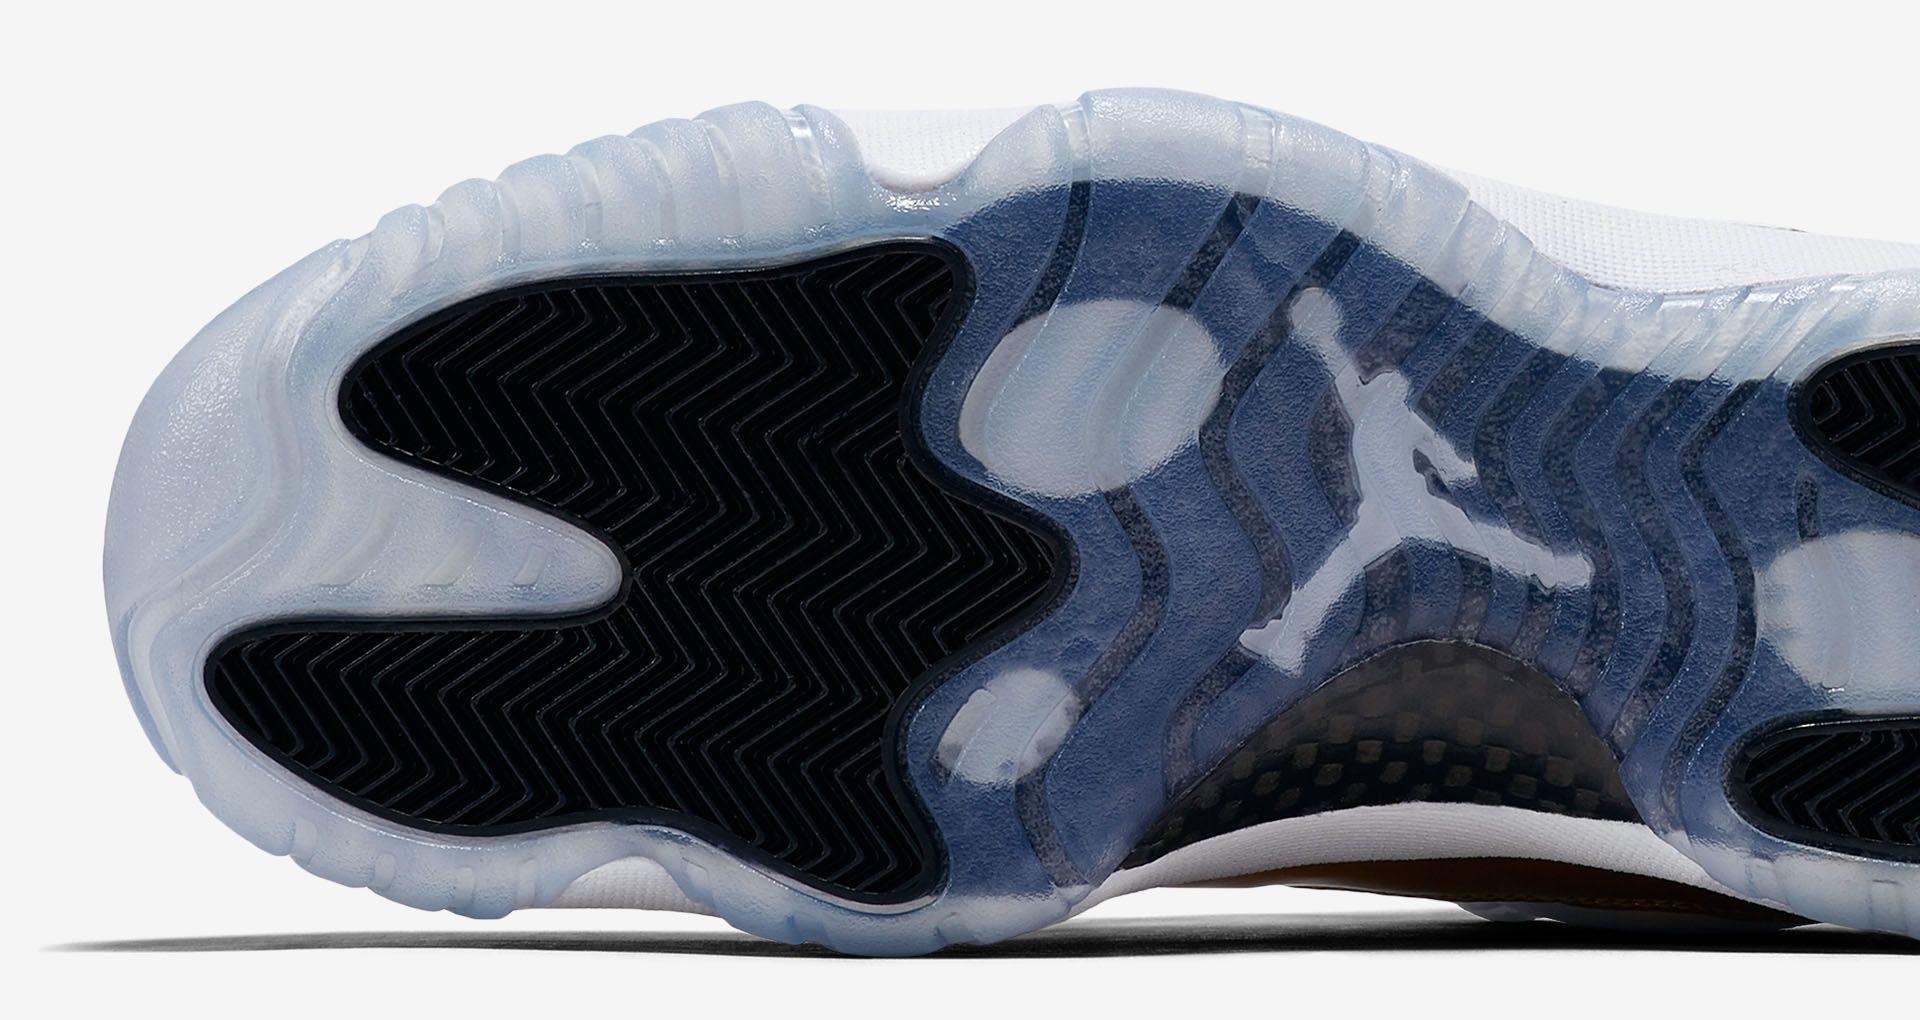 60c5bfb889f Air Jordan 11 Retro Low 'White & Metallic Gold' Release Date. Nike+ ...